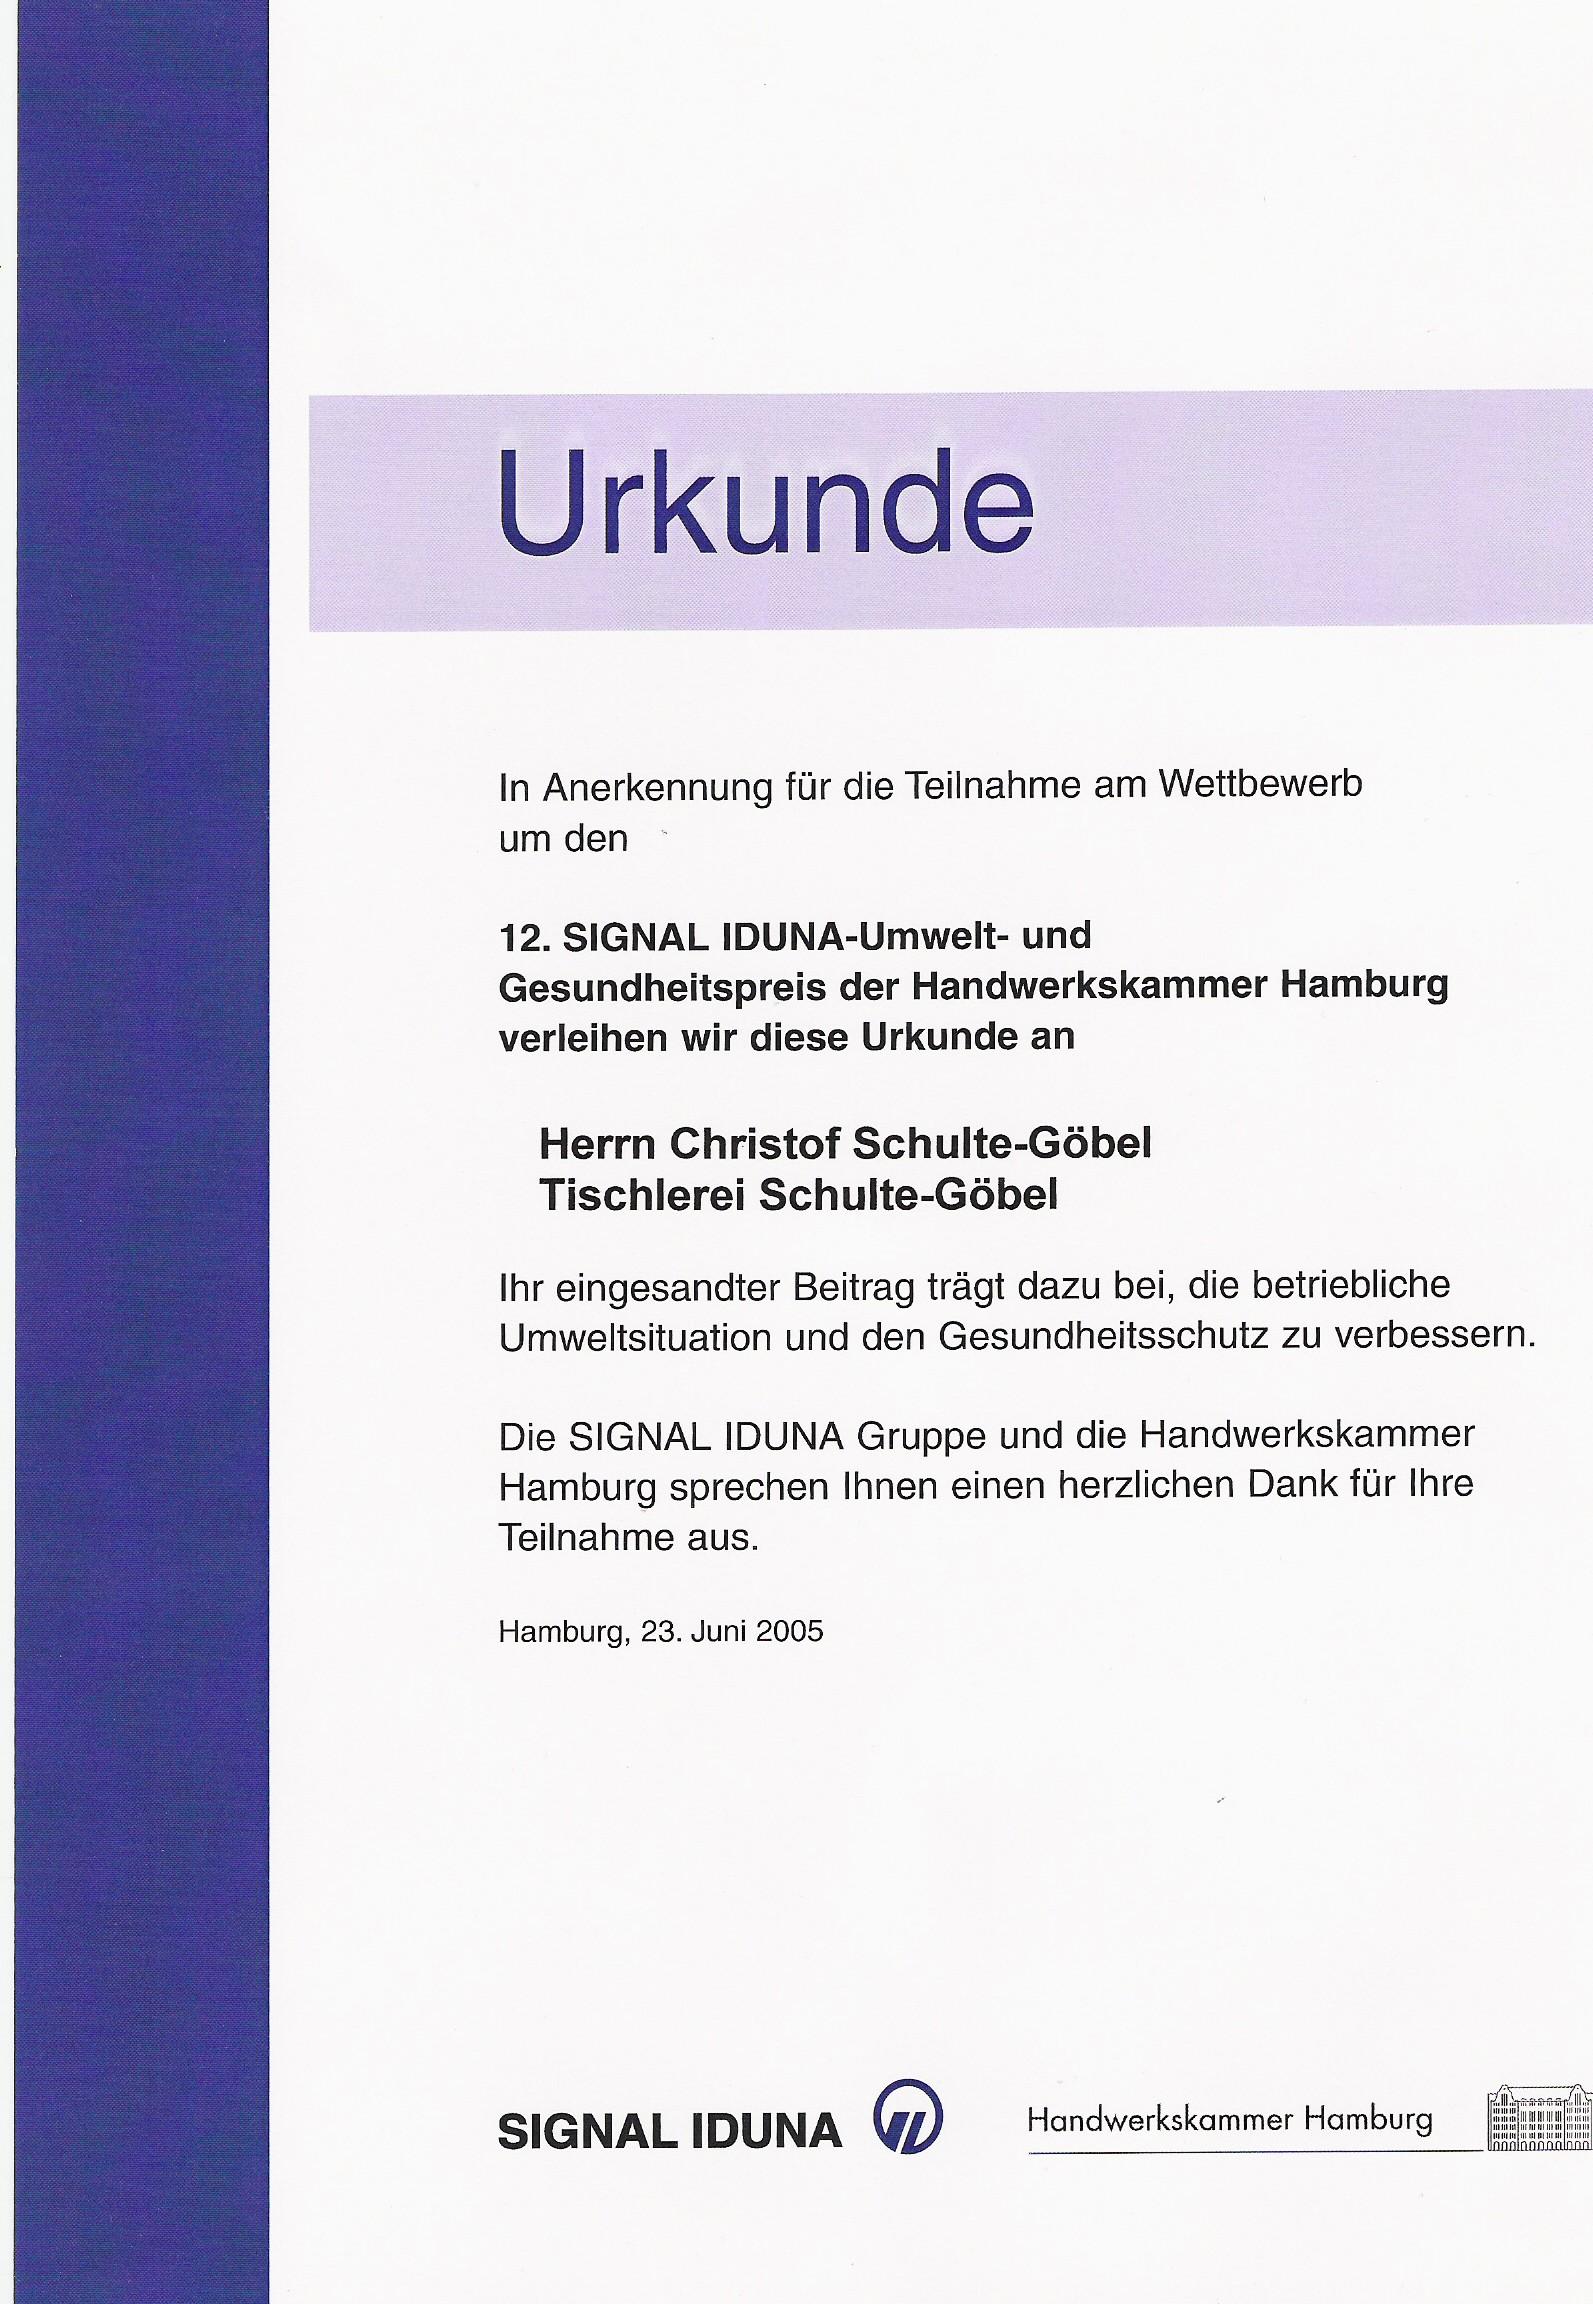 20050623_Signal_Iduna_Umwelt_und_Gesundheitspreis_2005